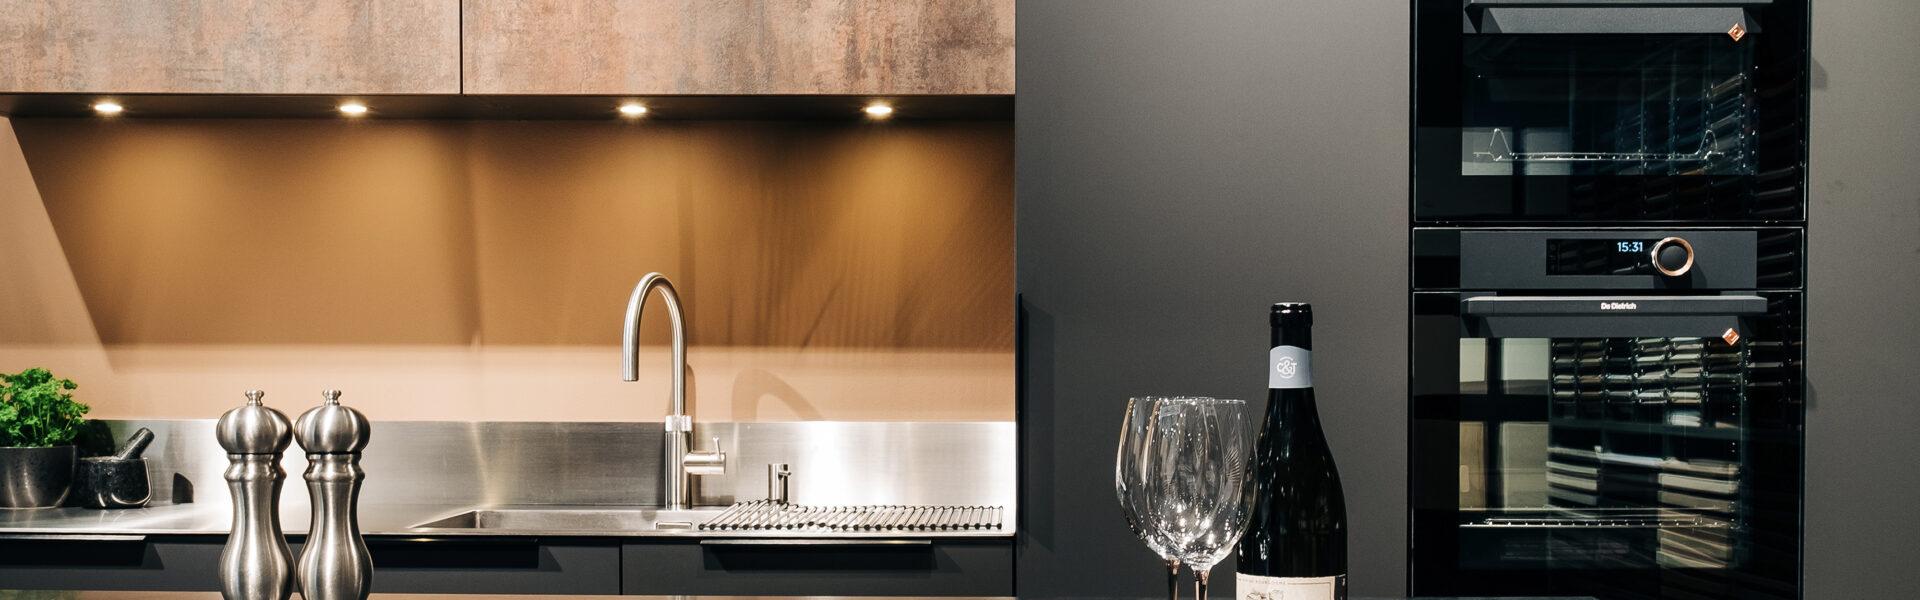 kjøkkenbenk i stål